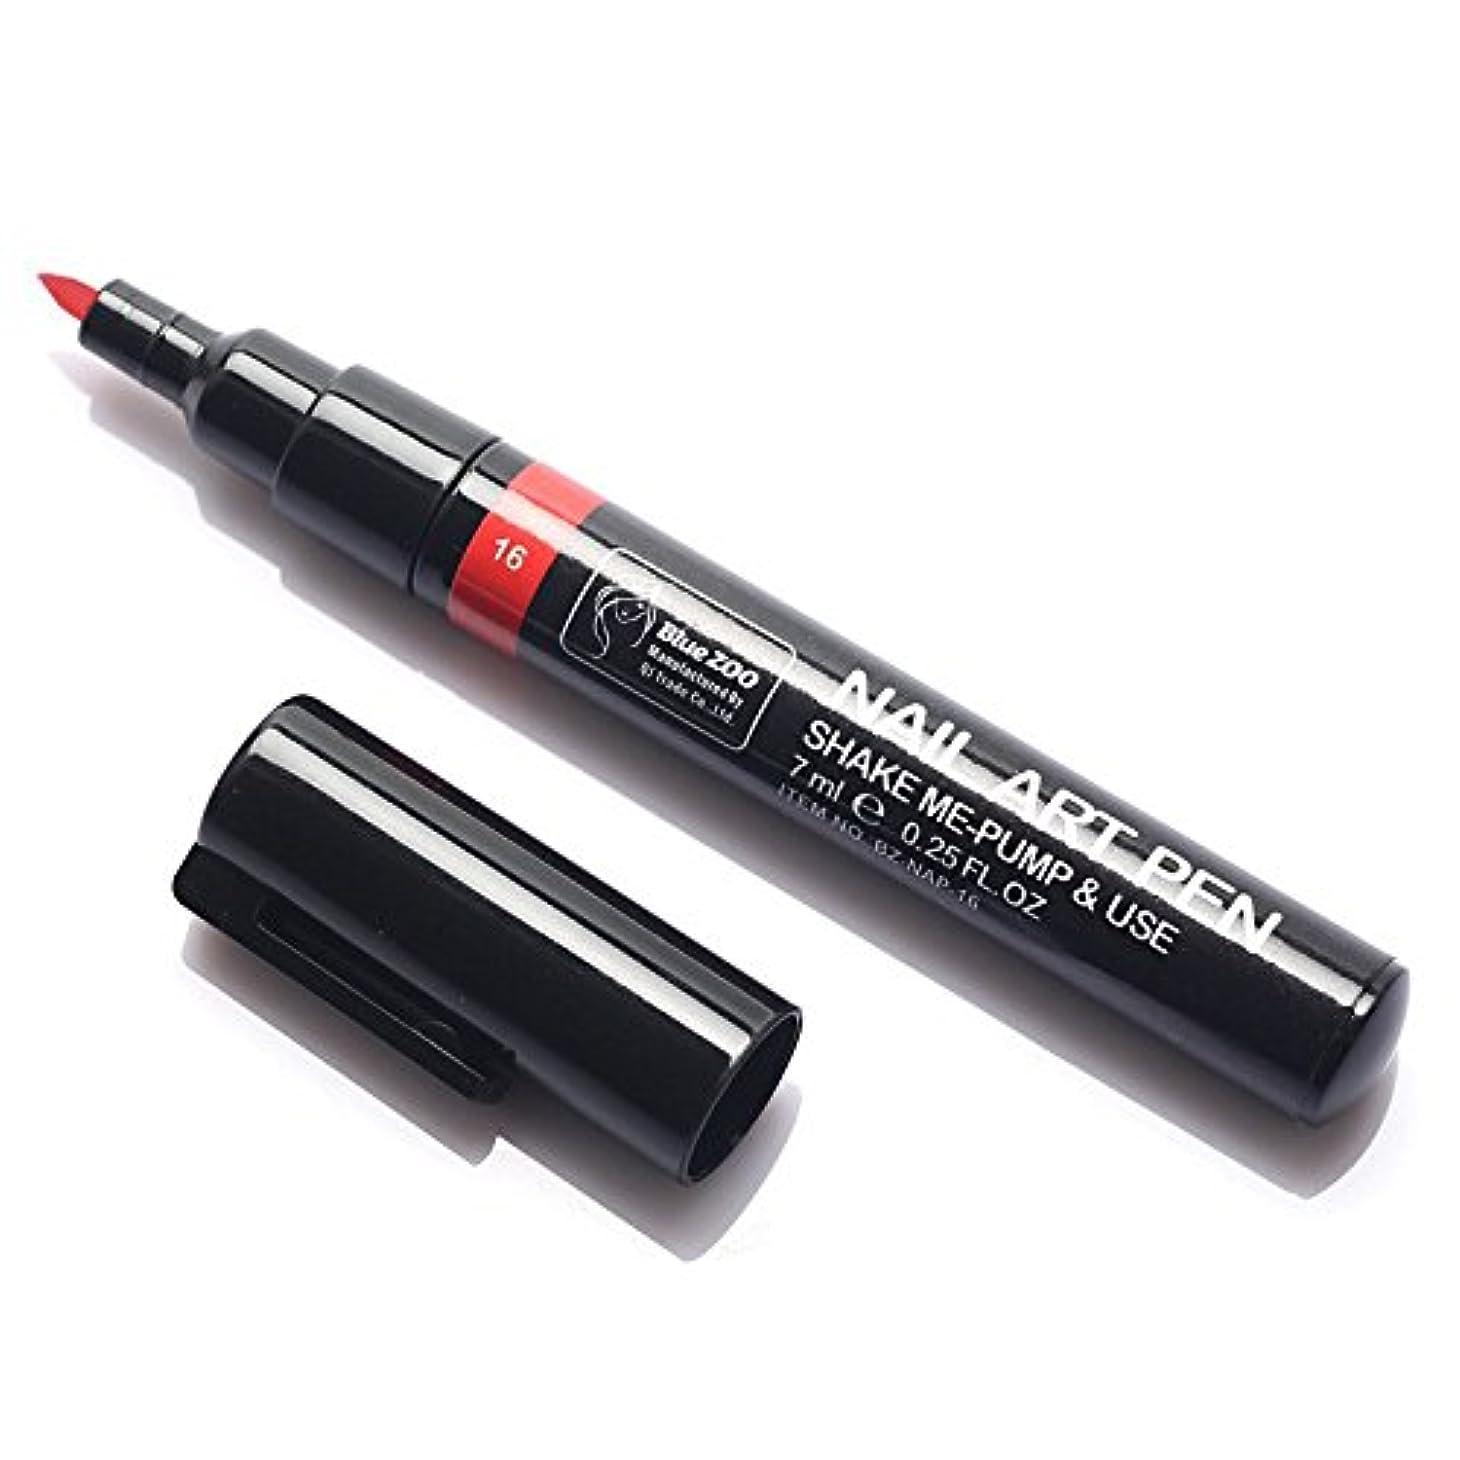 凍結疑問を超えて絶えず(メイクアップエーシーシー) MakeupAcc カラーネイルアートペン 3Dネイルペン ネイルアートペン ネイルマニキュア液 ペイントペン ペイント 両用 DIY 16色 (オレンジ色) [並行輸入品]